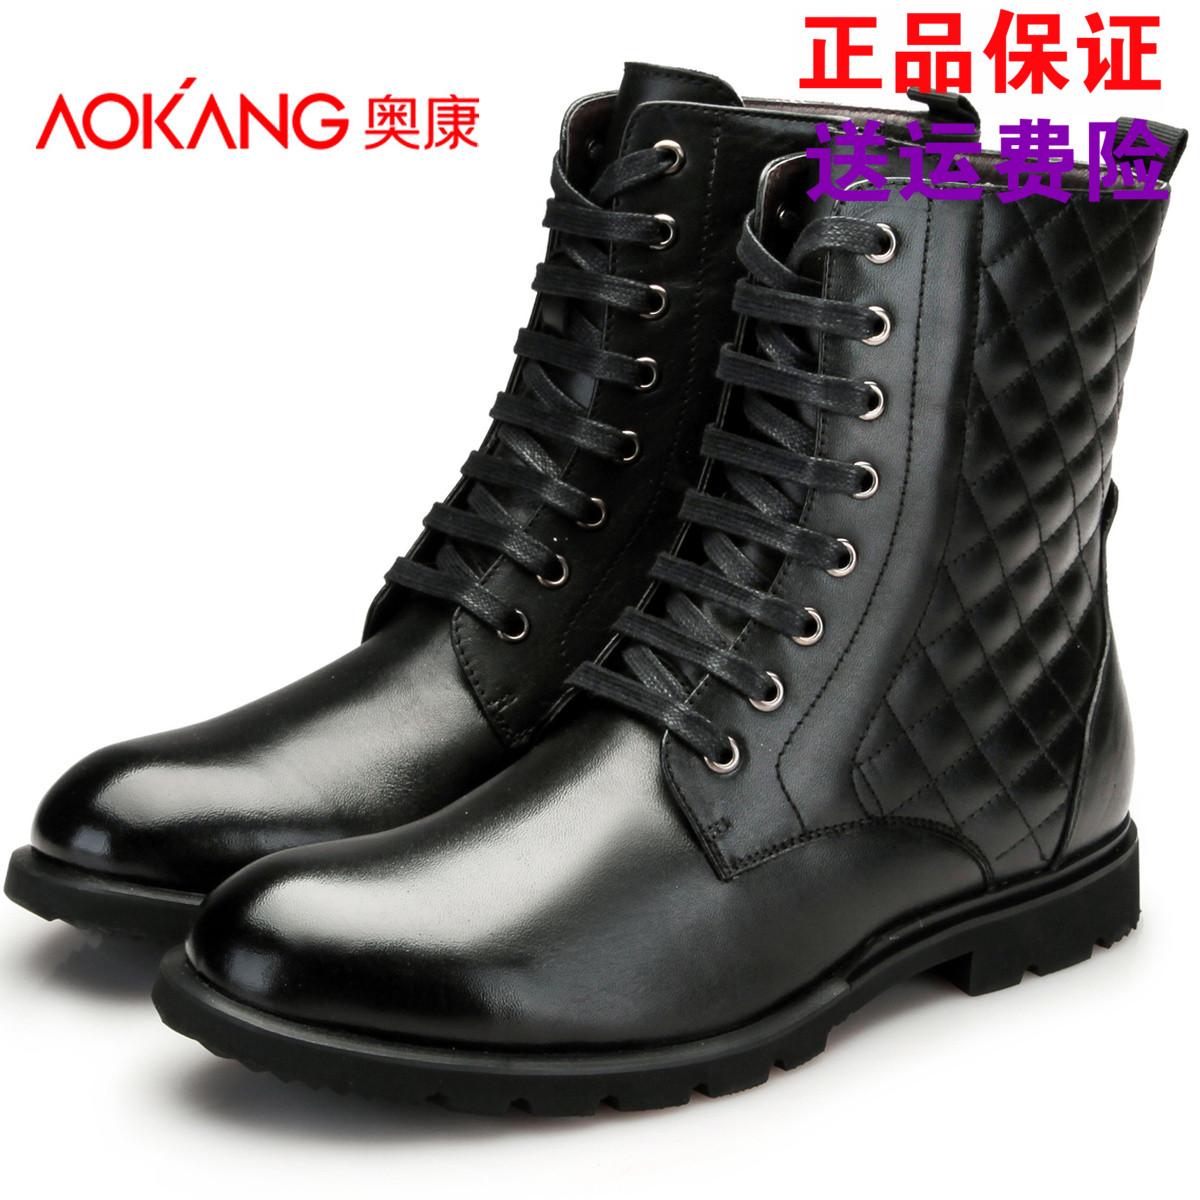 专柜正品Aokang/奥康流行男鞋靴子2017年冬季新款保暖男靴马丁靴